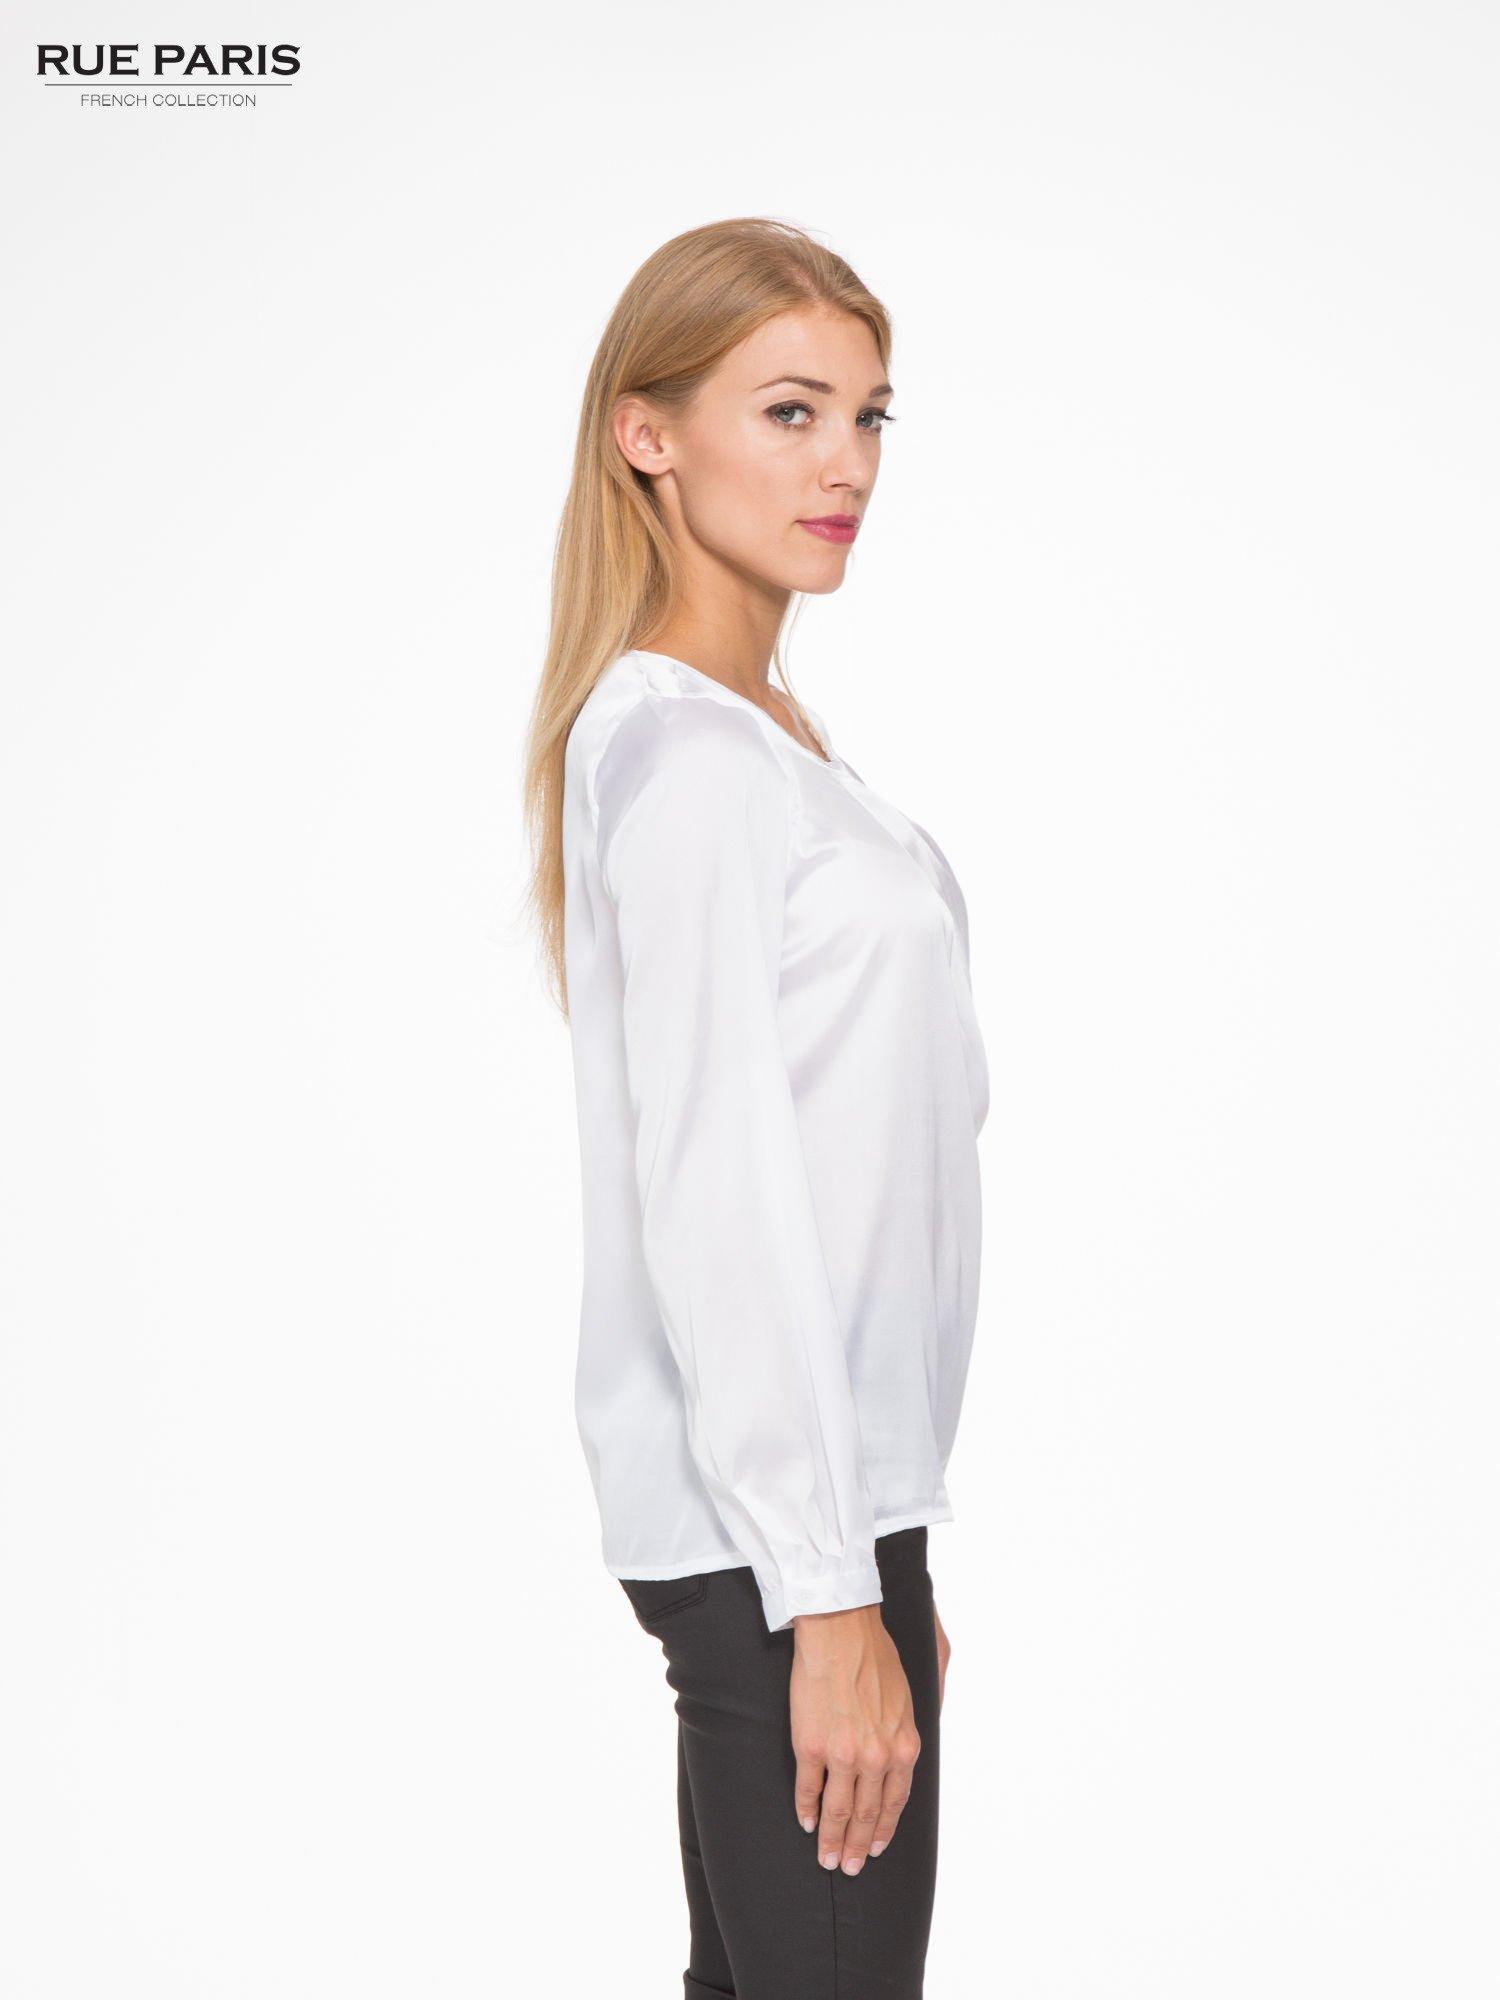 Biała elegancka atłasowa koszula z zakładkami przy dekolcie                                  zdj.                                  3